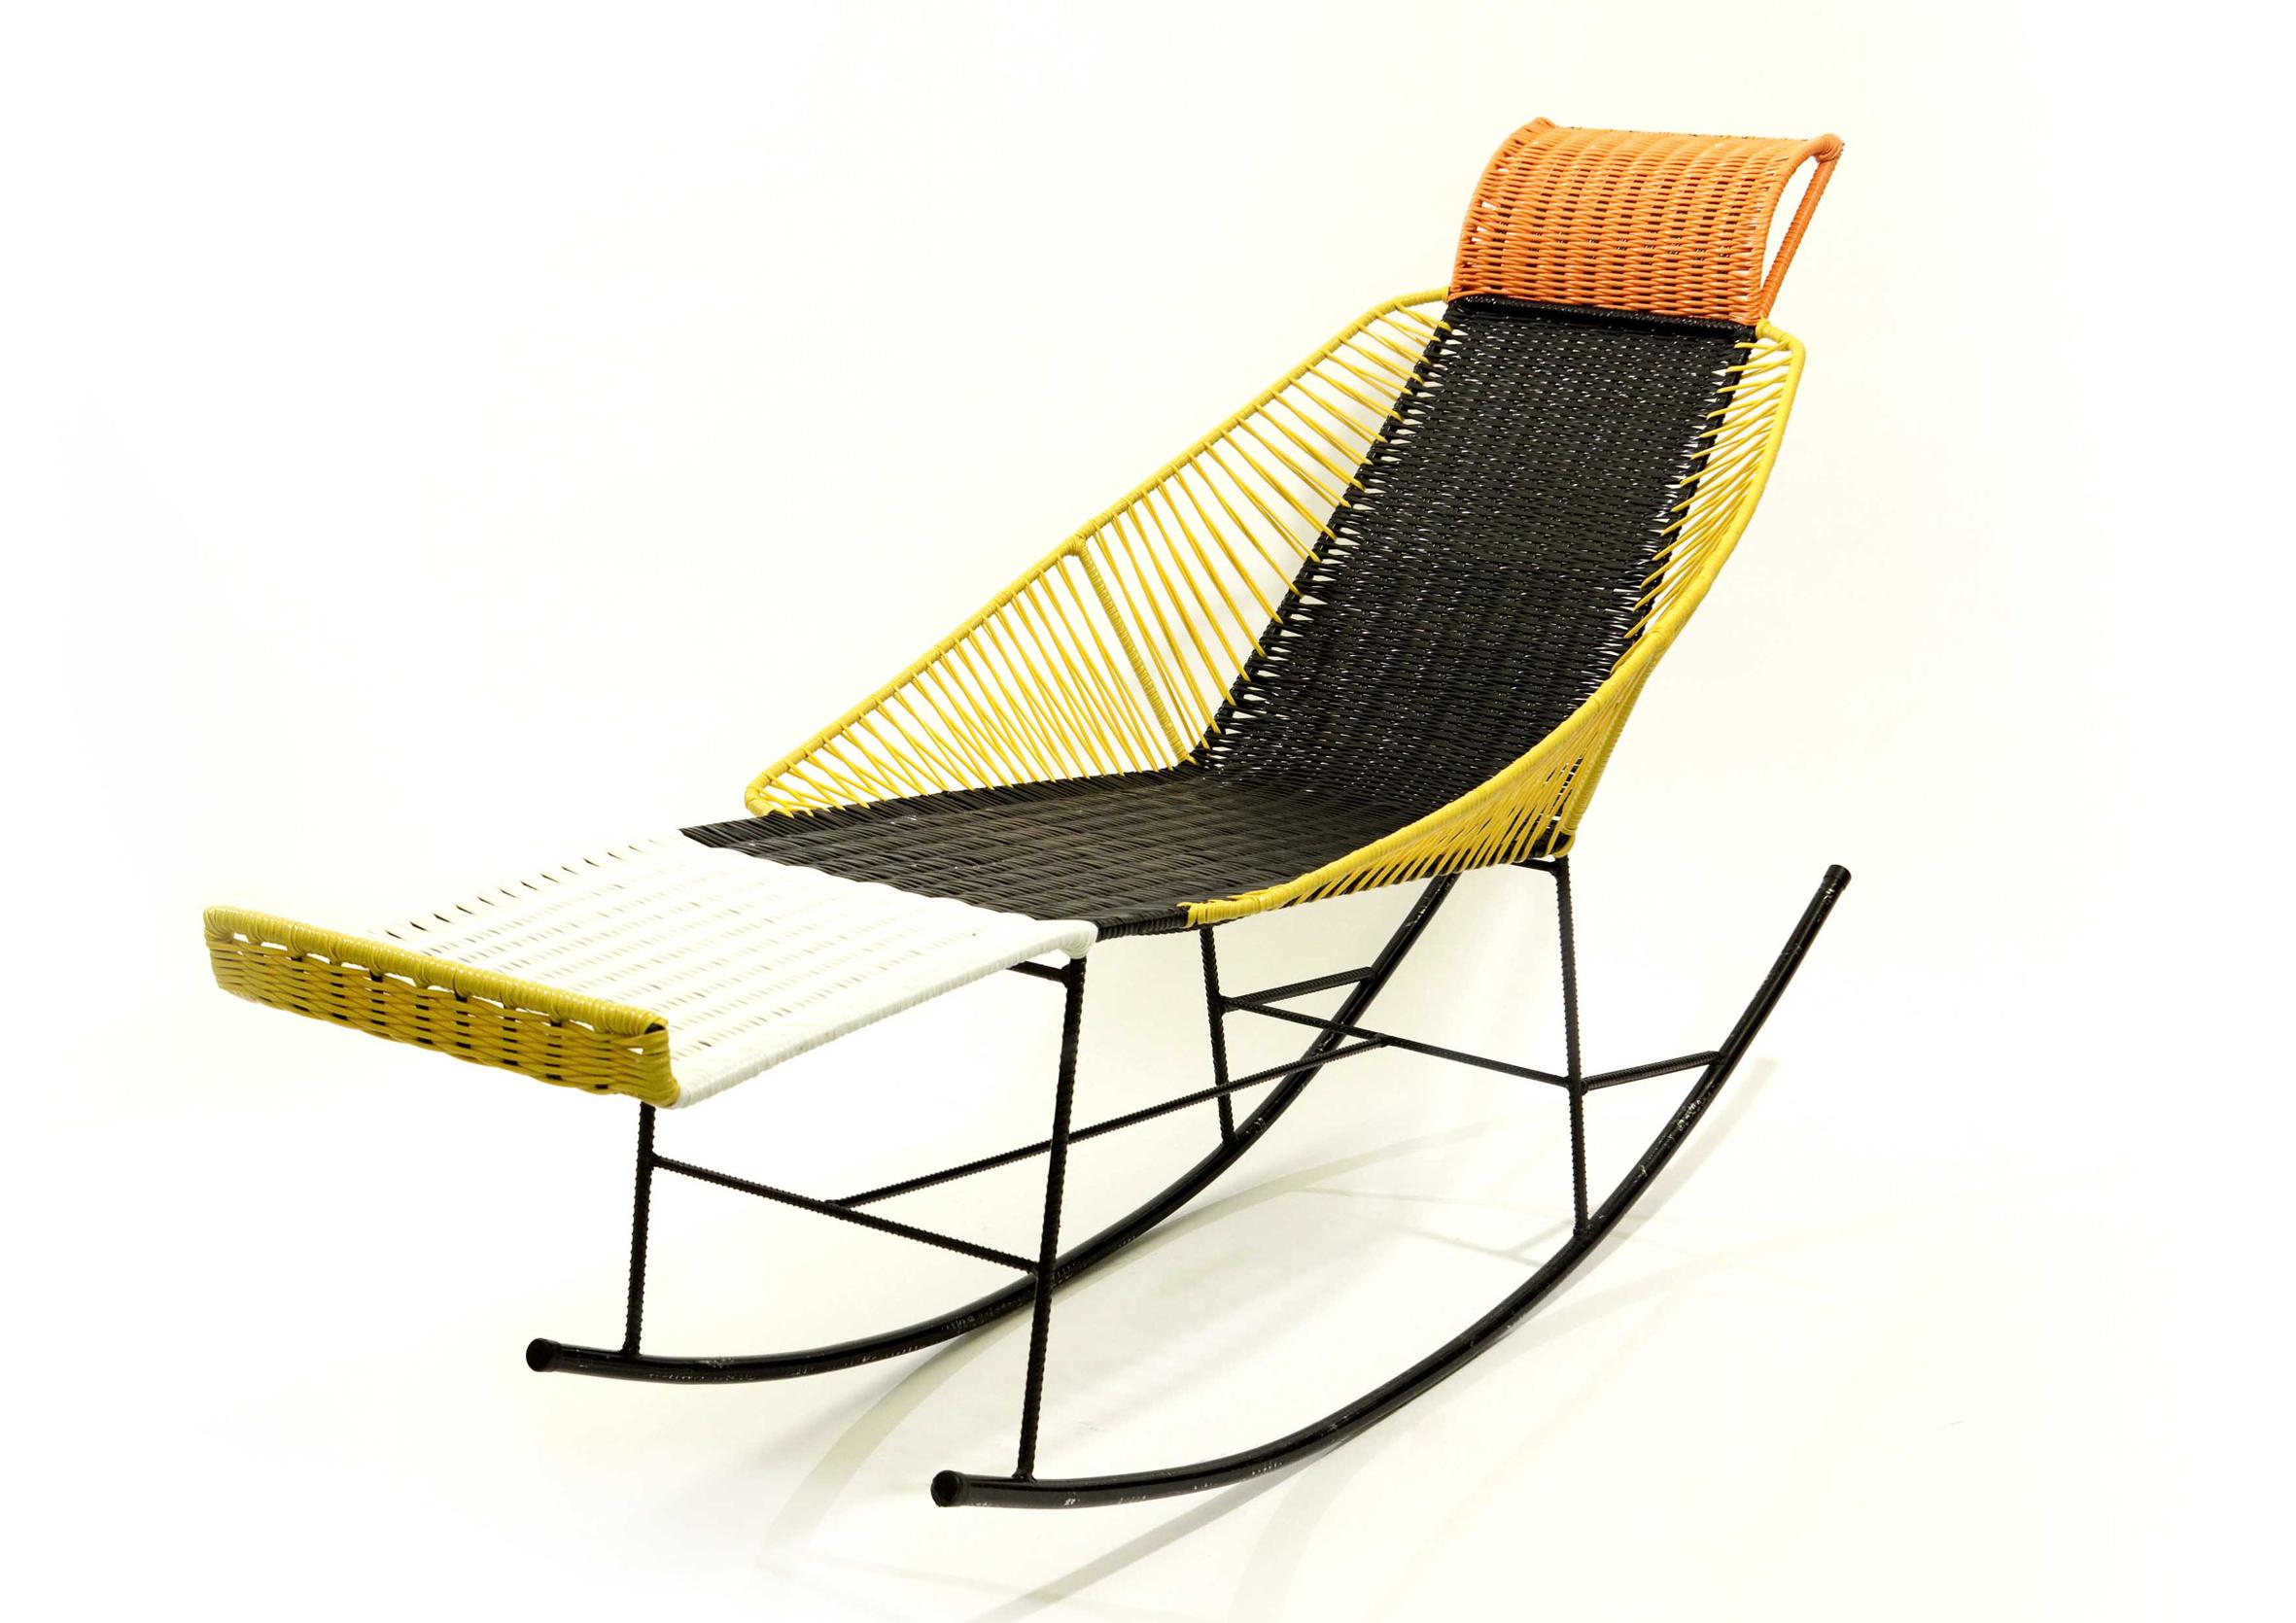 '100 Chairs: L'Arte del Ritratto', by MARNI